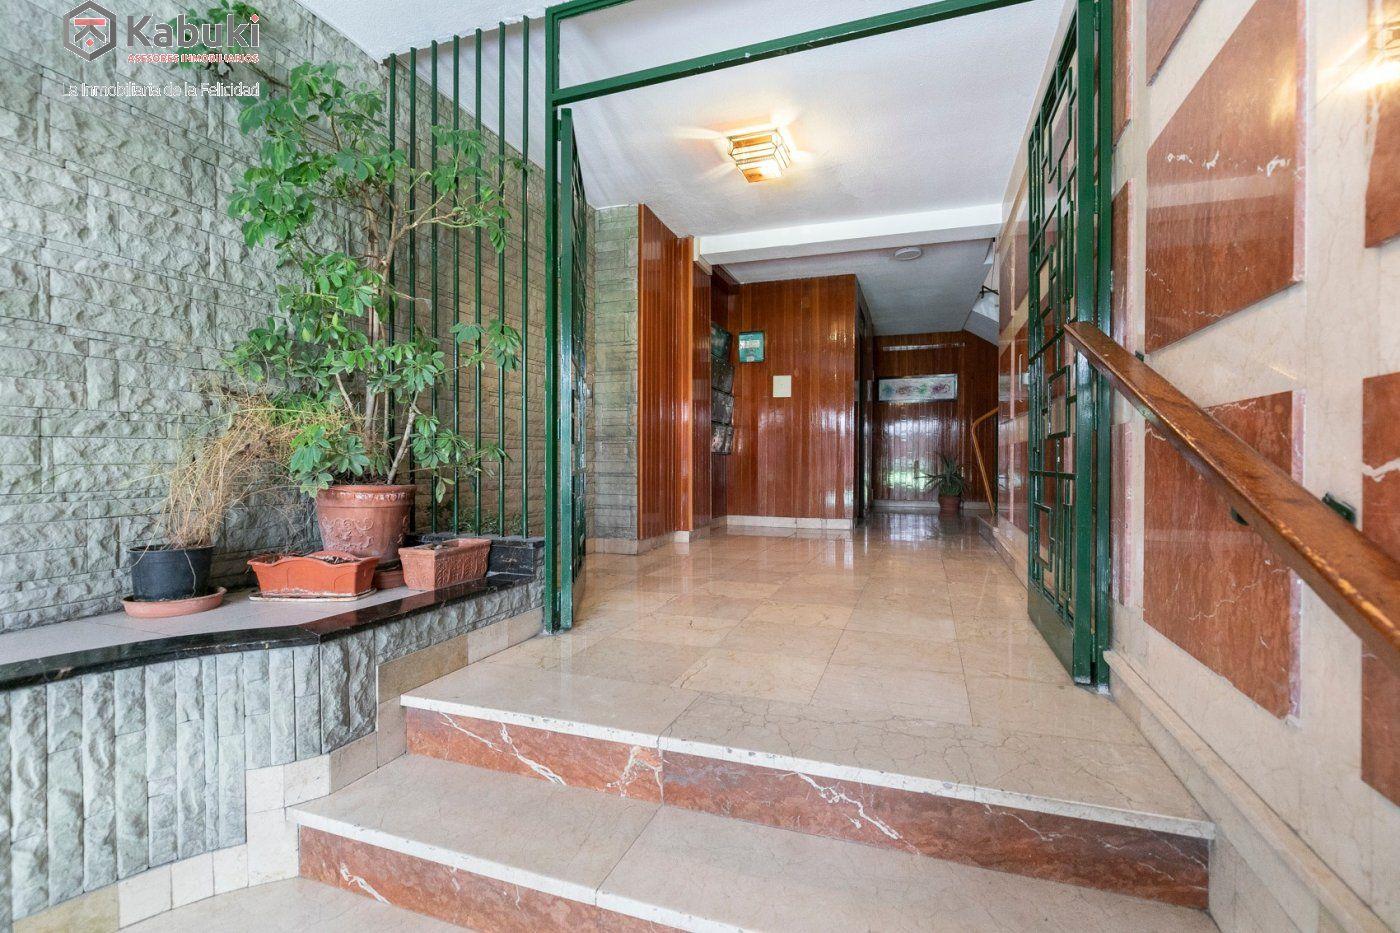 Bonito piso exterior en fantástica ubicación. junto facultad de derecho y gran via. - imagenInmueble4